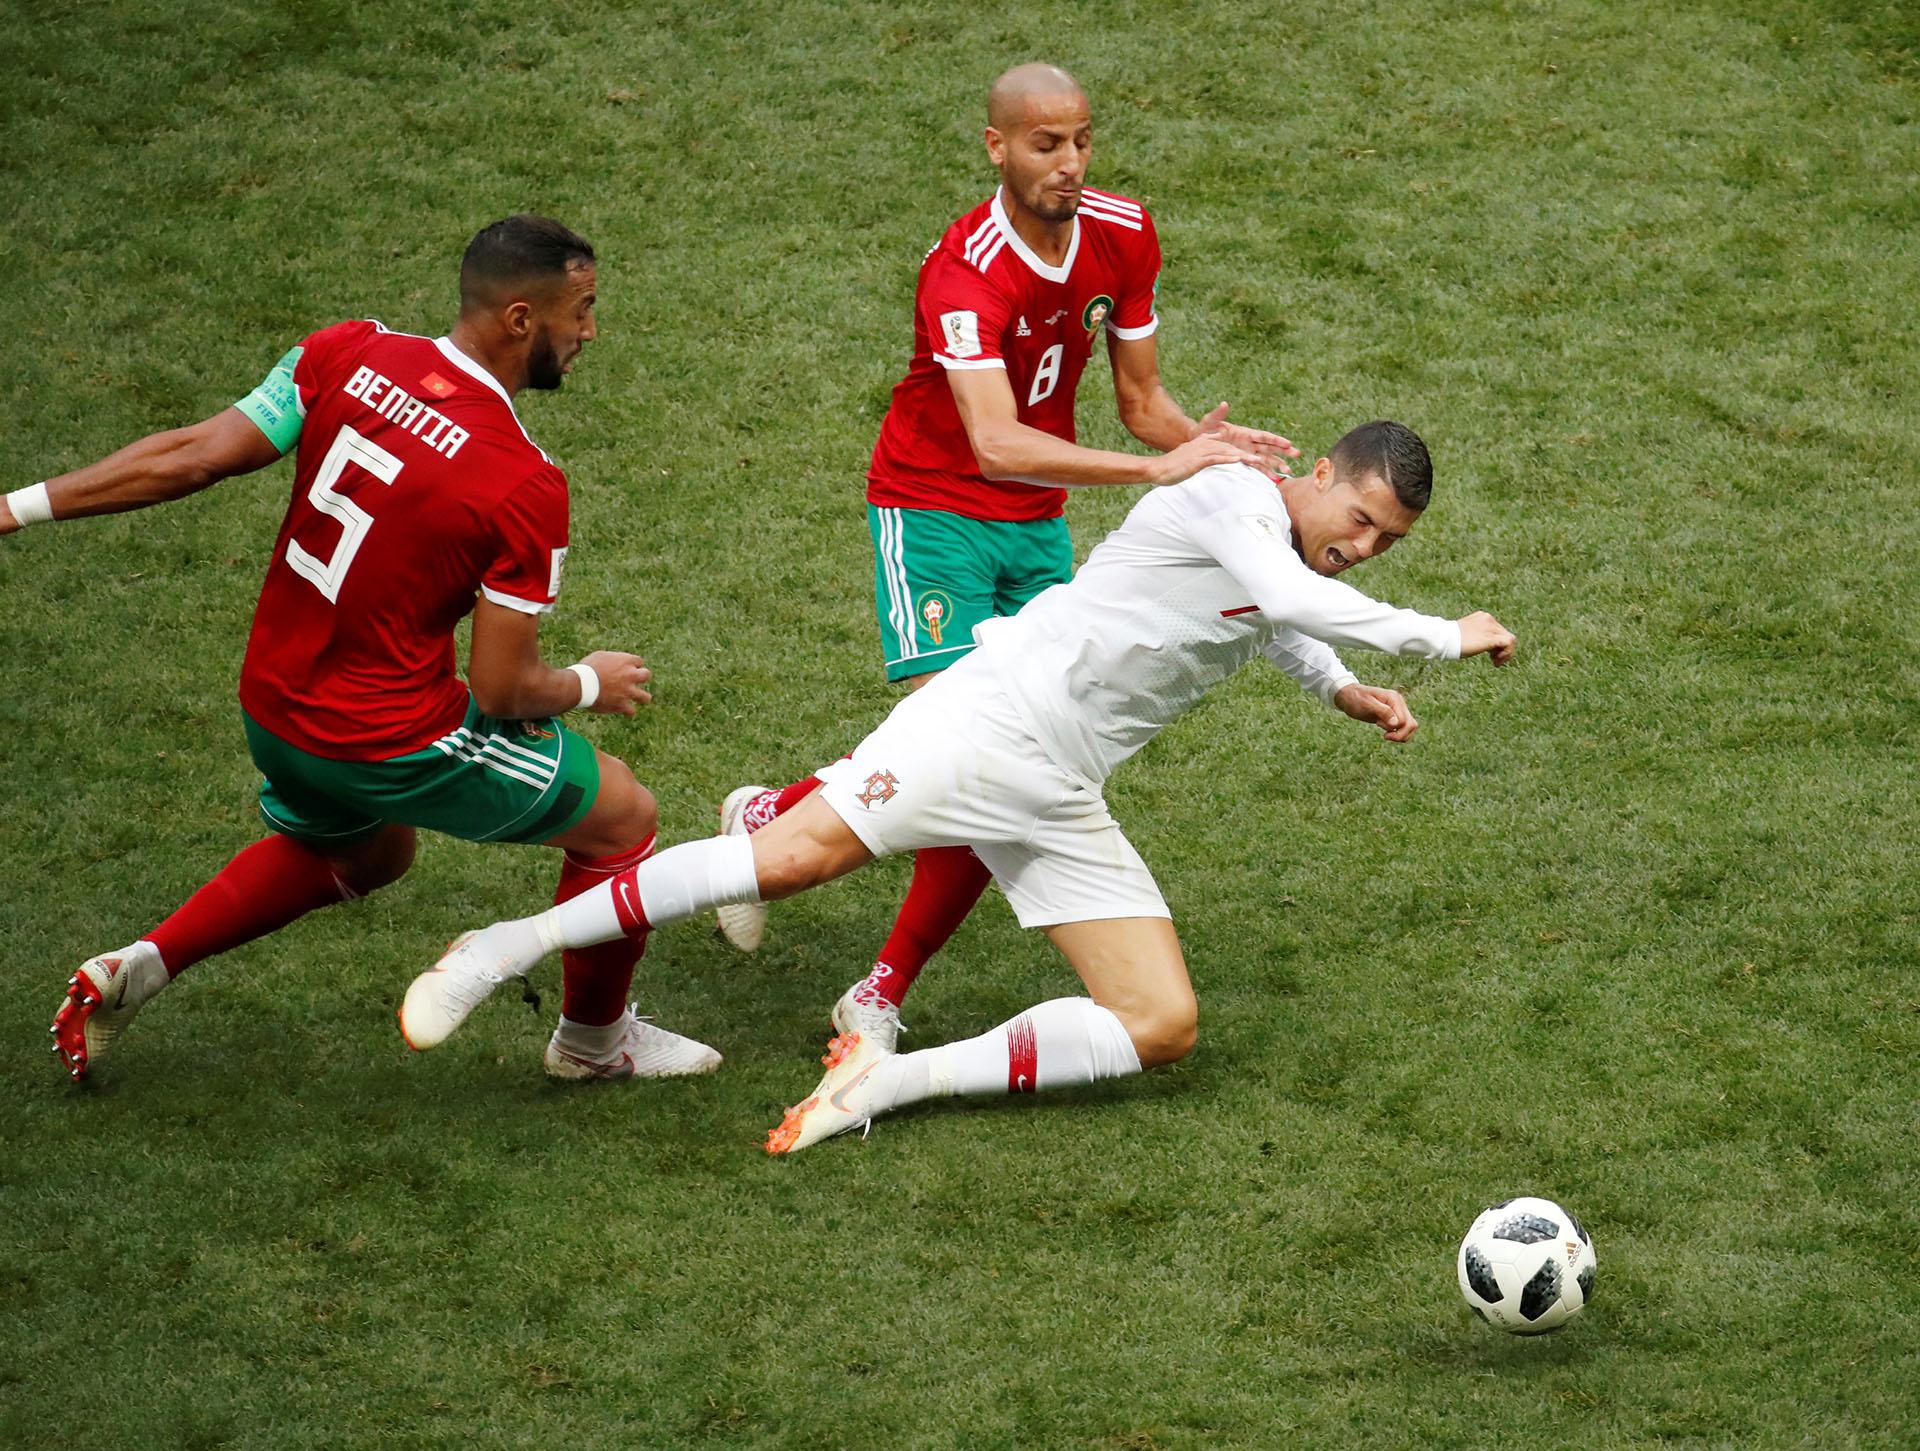 Ronaldo cae ante la falta de Medhi Benatia, que le costó la amarrilla al francés nacionalizado marroquí. Reuters